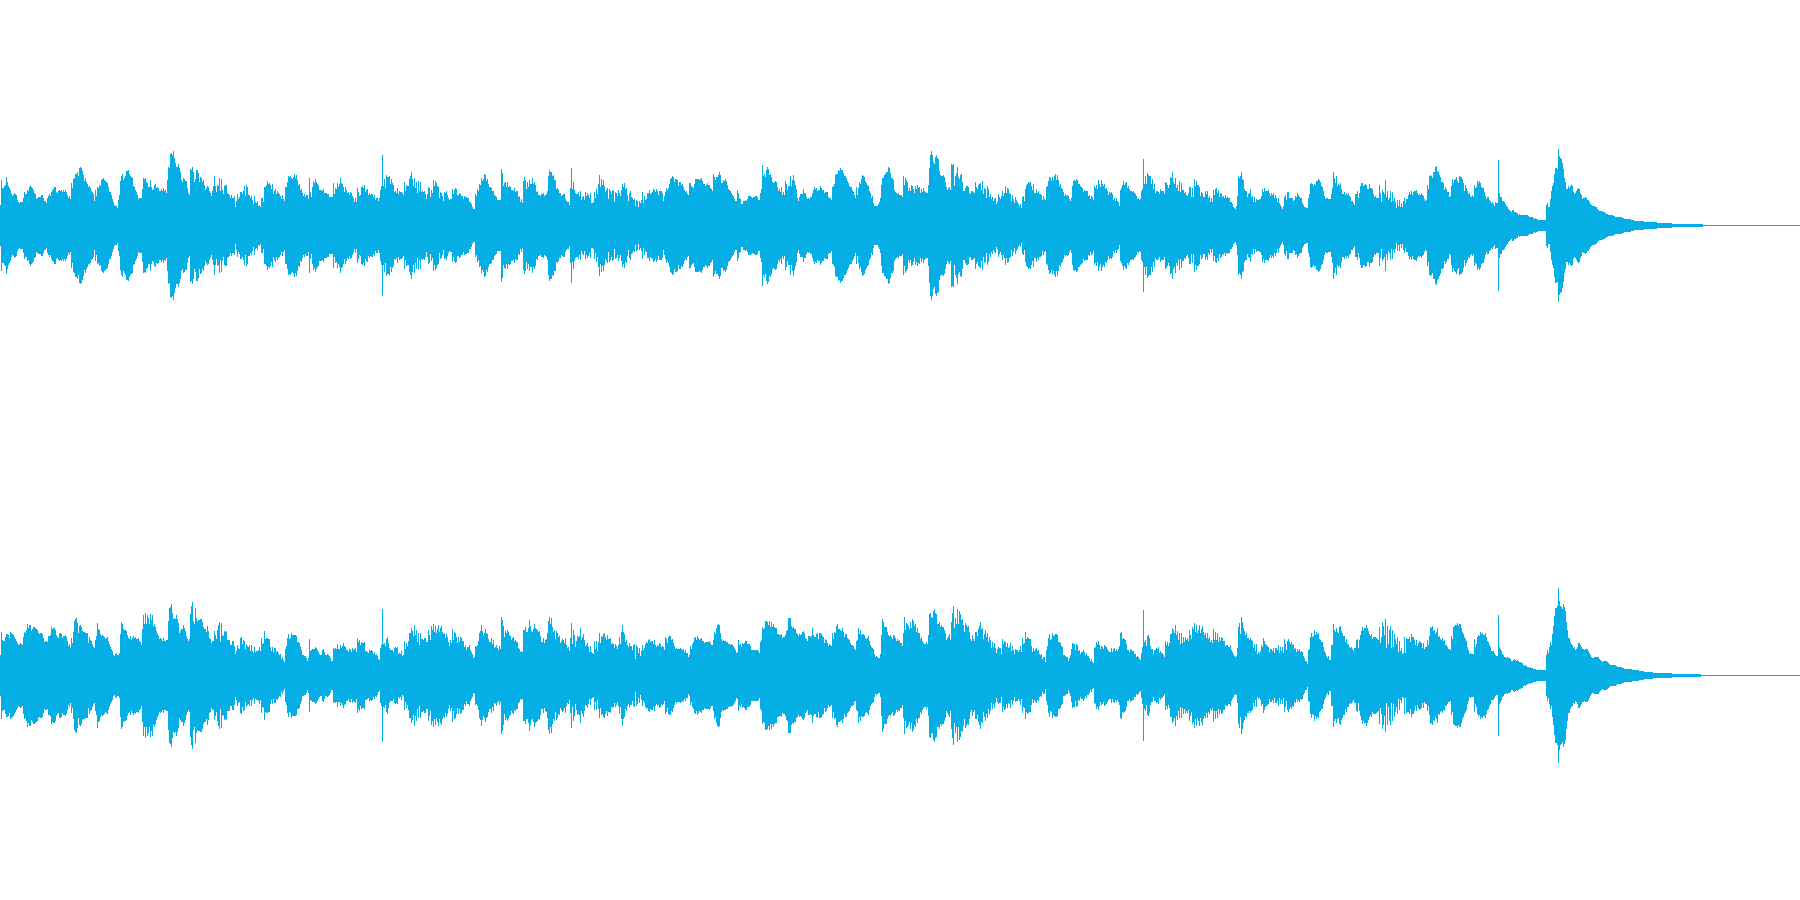 少し切ないオルゴール曲の再生済みの波形